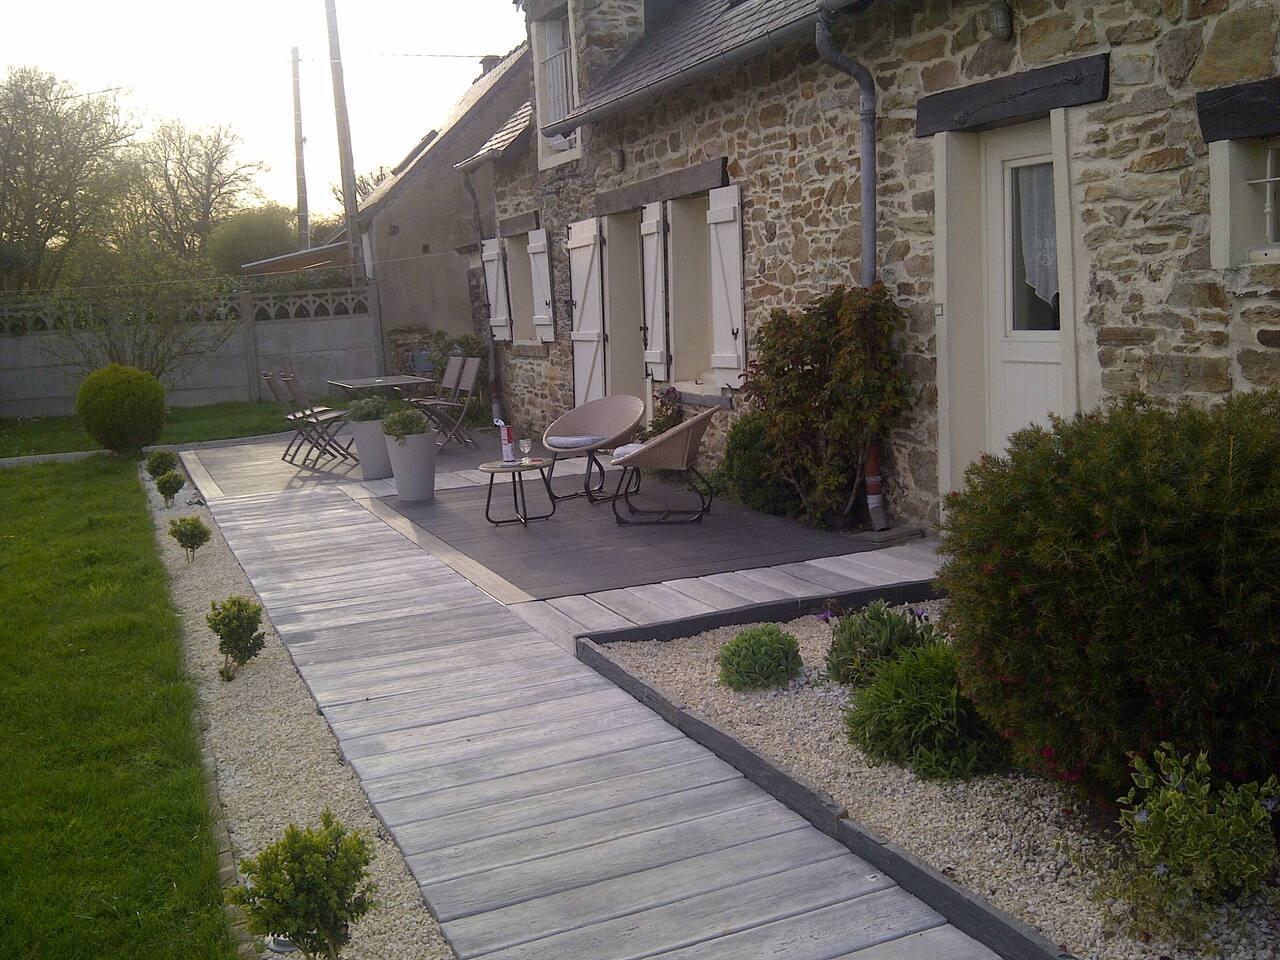 terrasse, exposée plein sud. Mise à disposition d'une table et chaises pour repas à l'extérieur